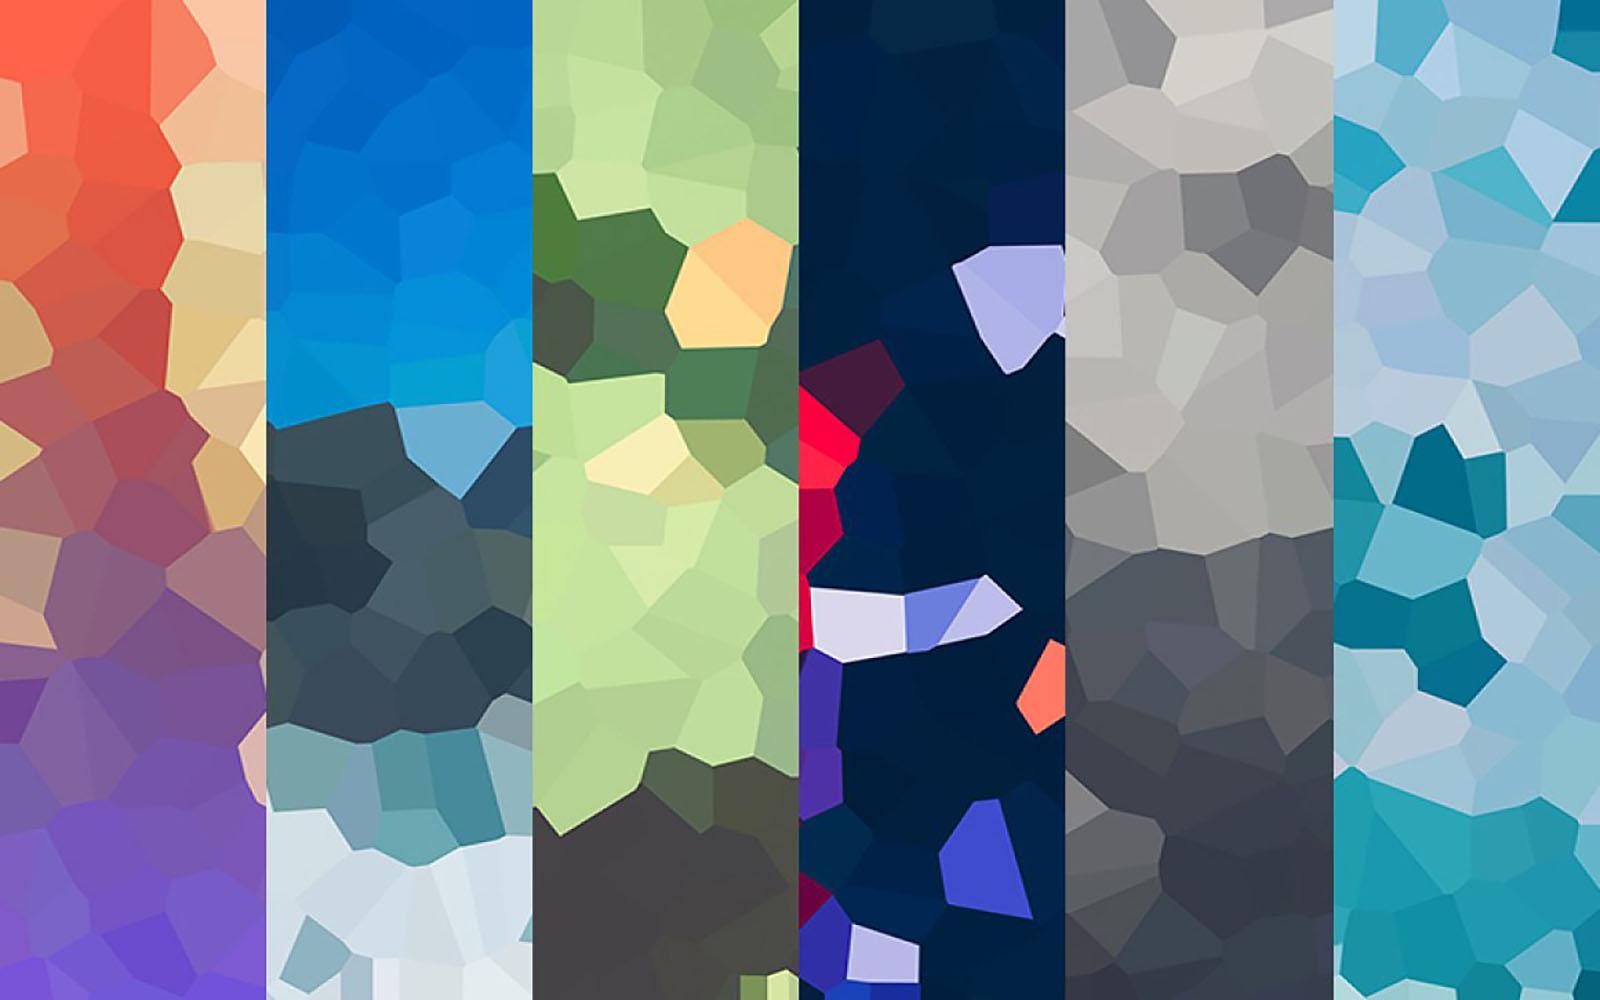 20 Mosaic Backgrounds Pattern